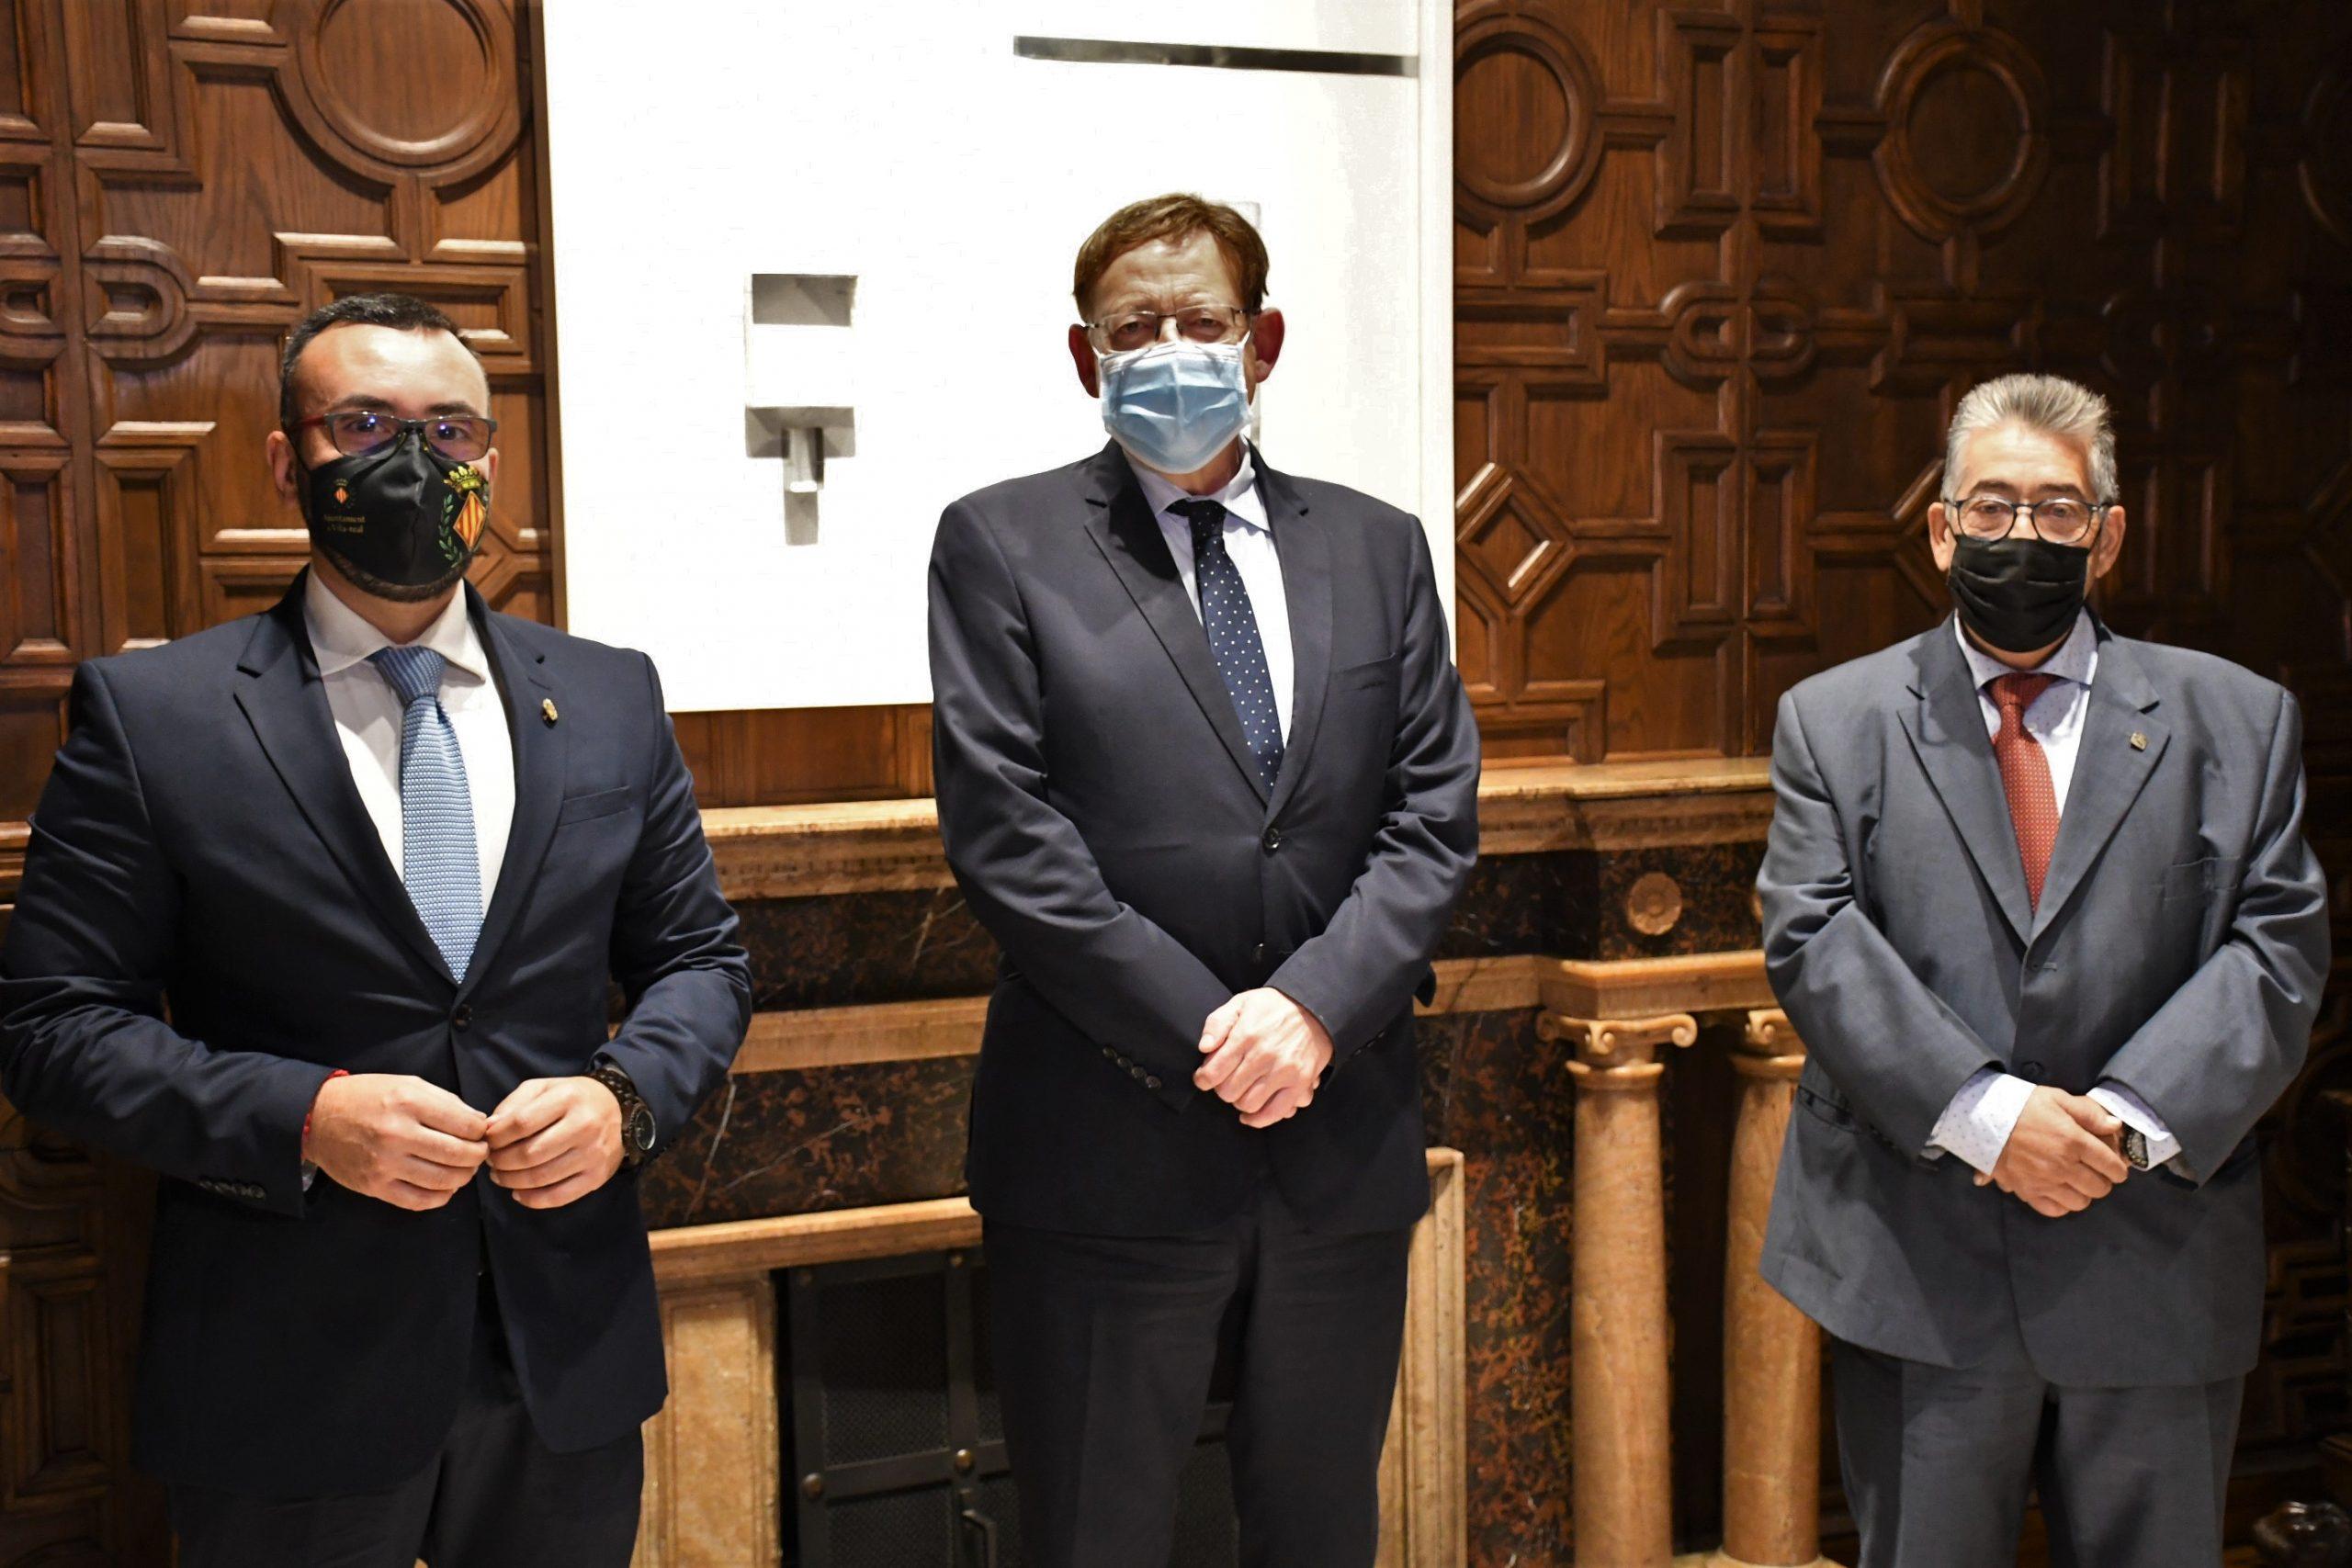 Benlloch recaba el apoyo de la Generalitat a Destaca, que arranca esta semana con el reto de la recuperación post-covid